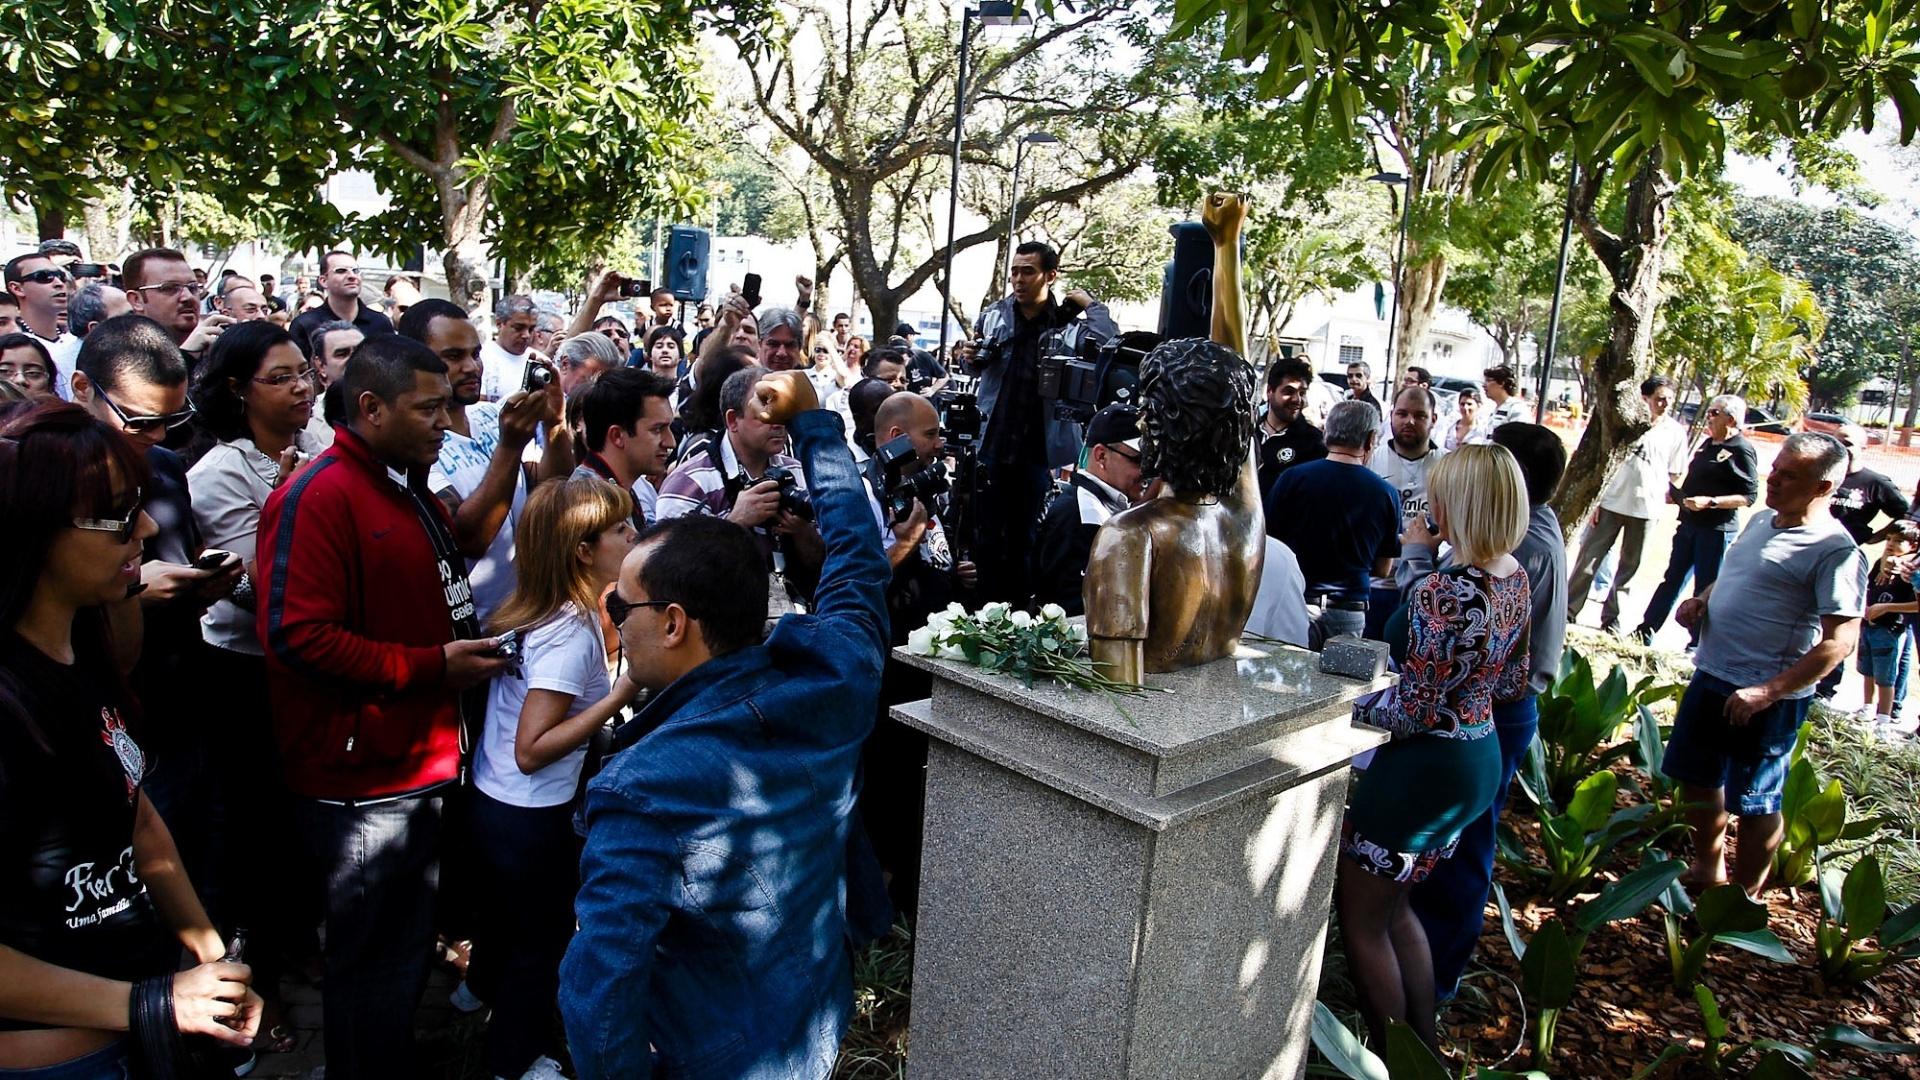 Corintianos imitaram o gesto tradicional de Sócrates ao lado do busto no Parque São Jorge